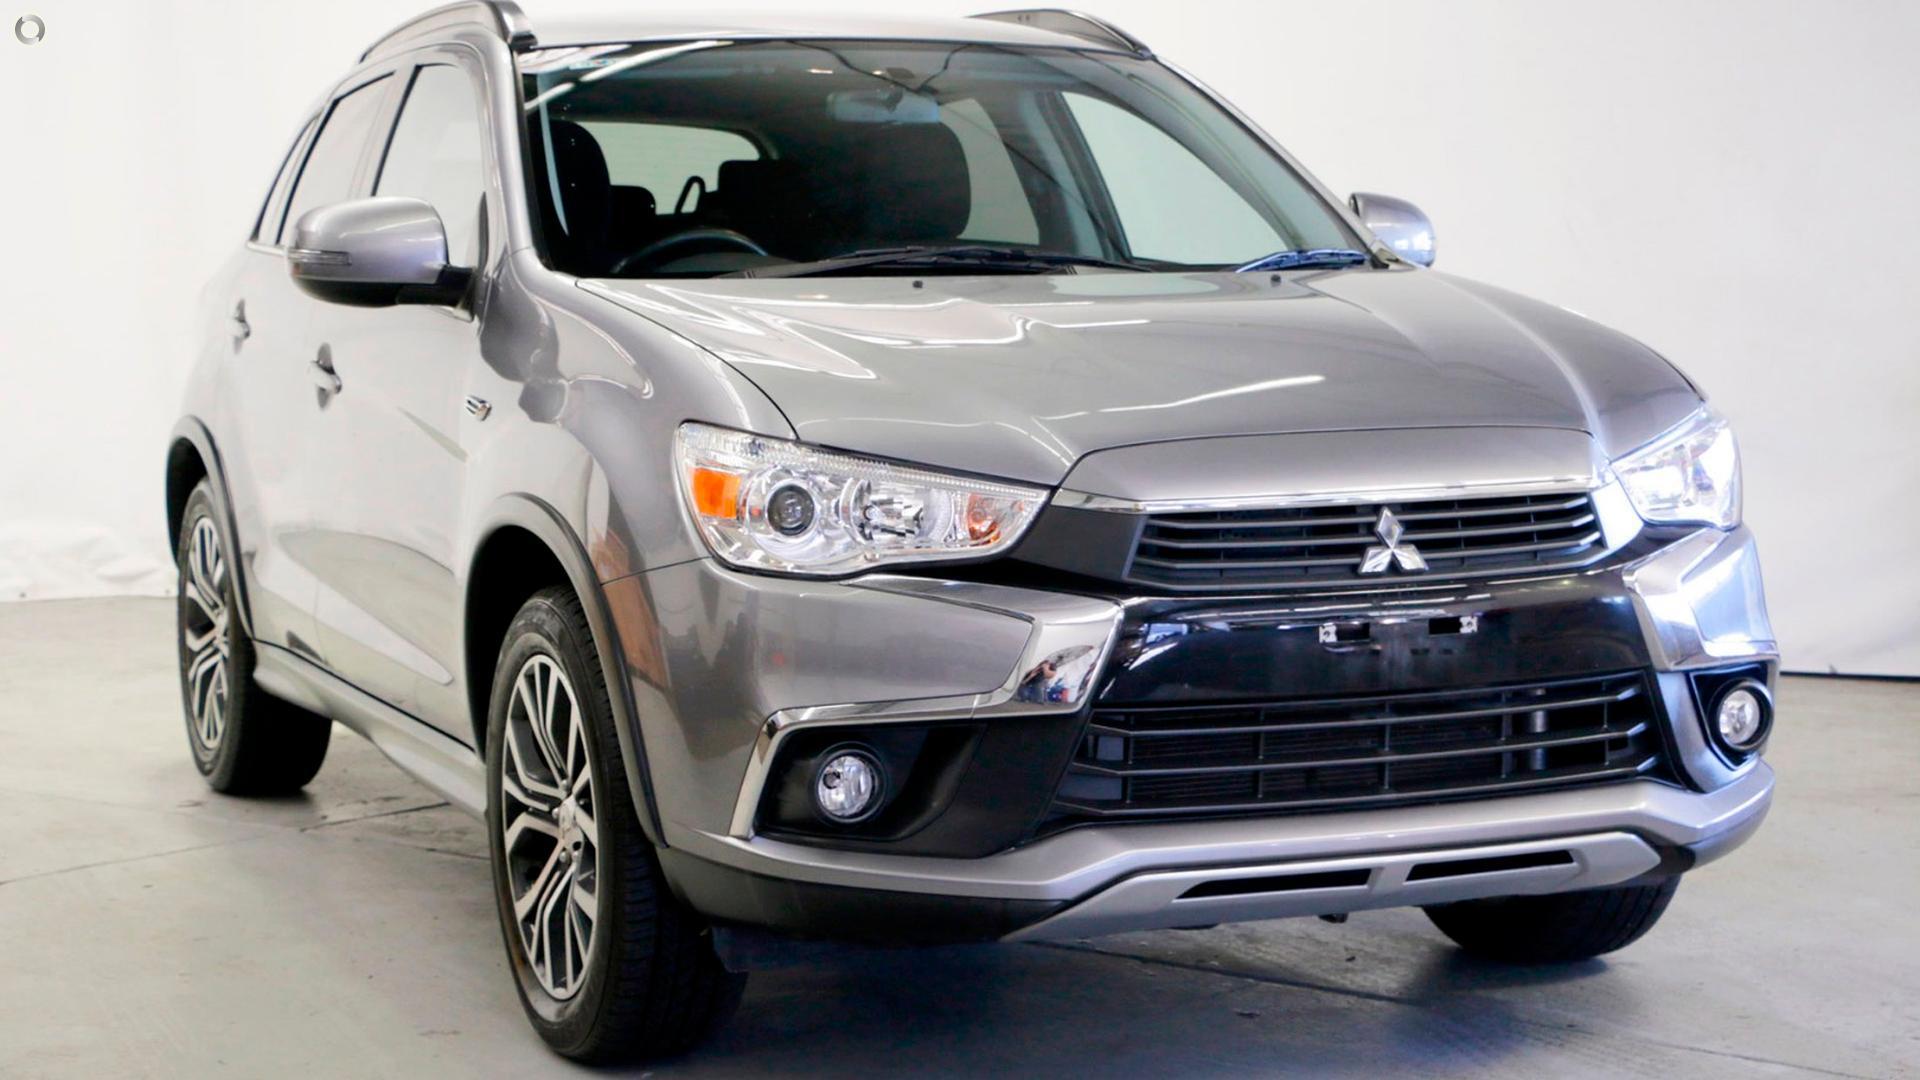 2017 Mitsubishi Asx XC